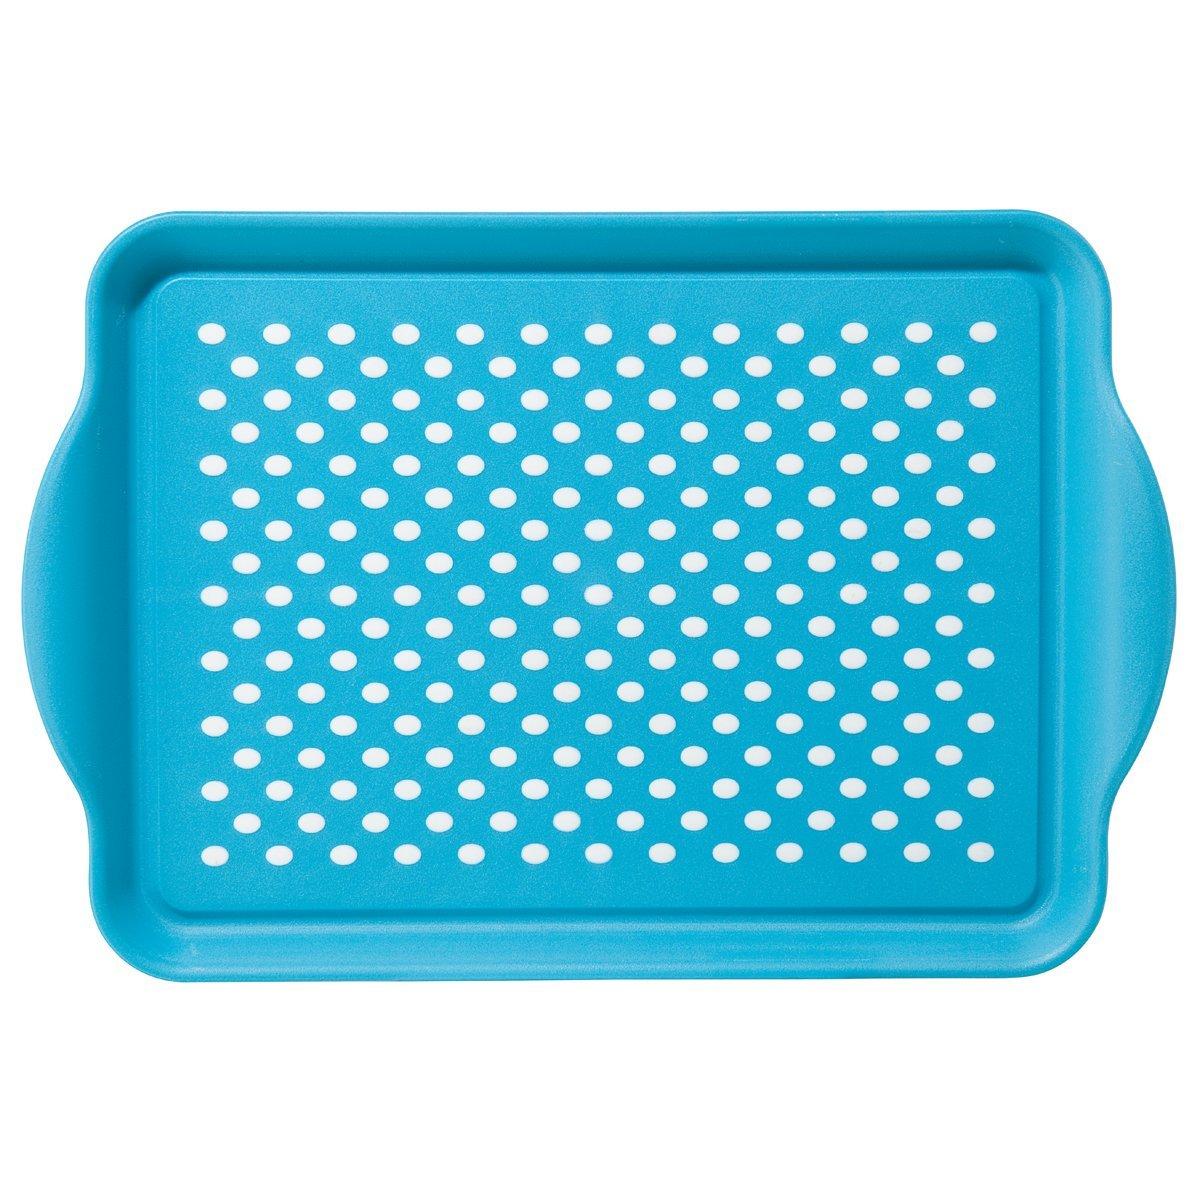 Oggi Rubbergrip Aqua Non-Skid Rectangular Serving Tray